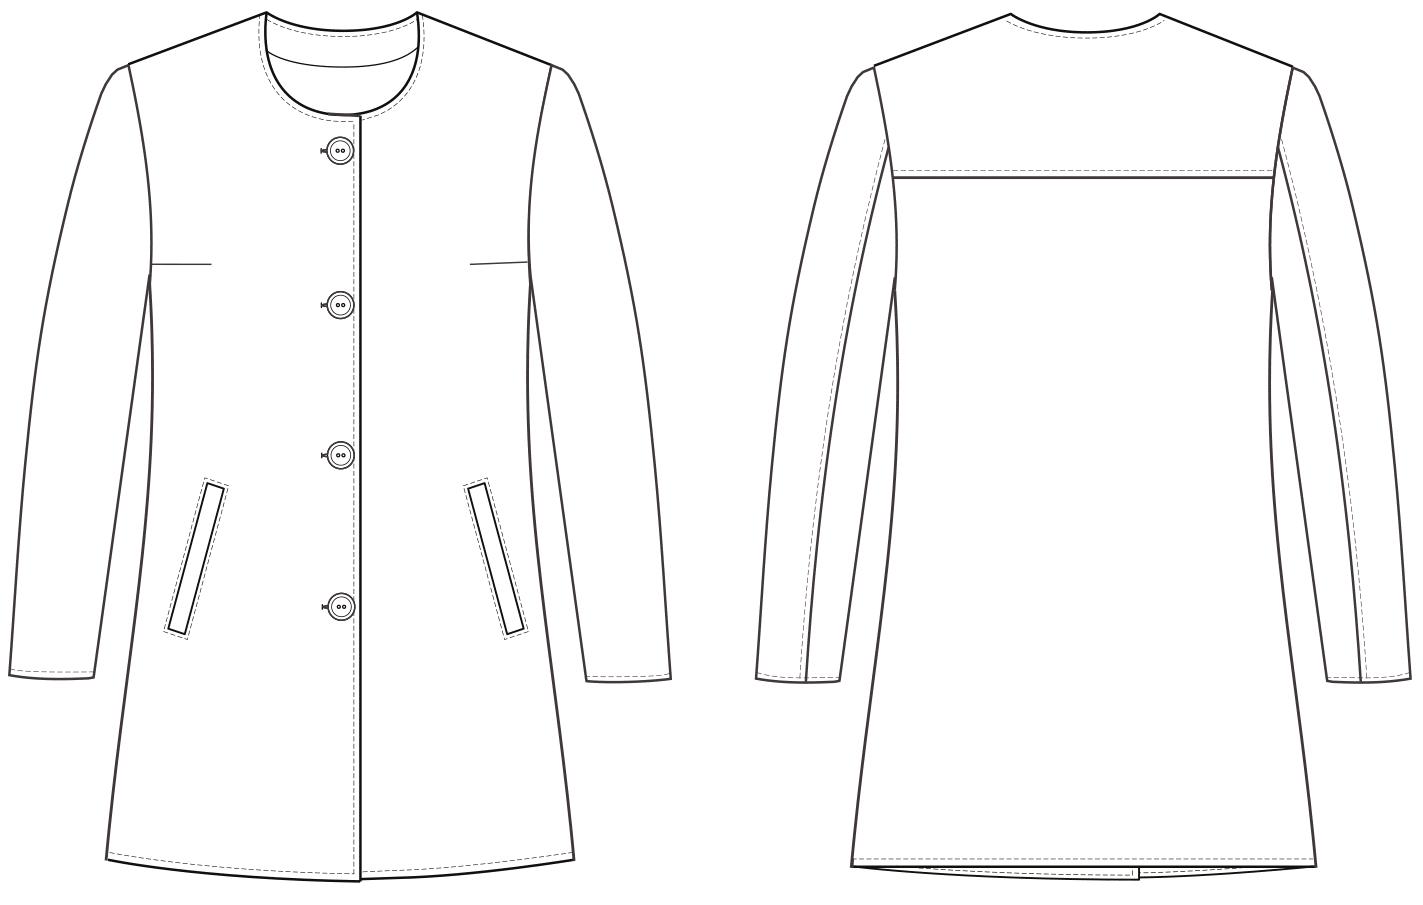 Technische Zeichnung eines Kinder Mantels